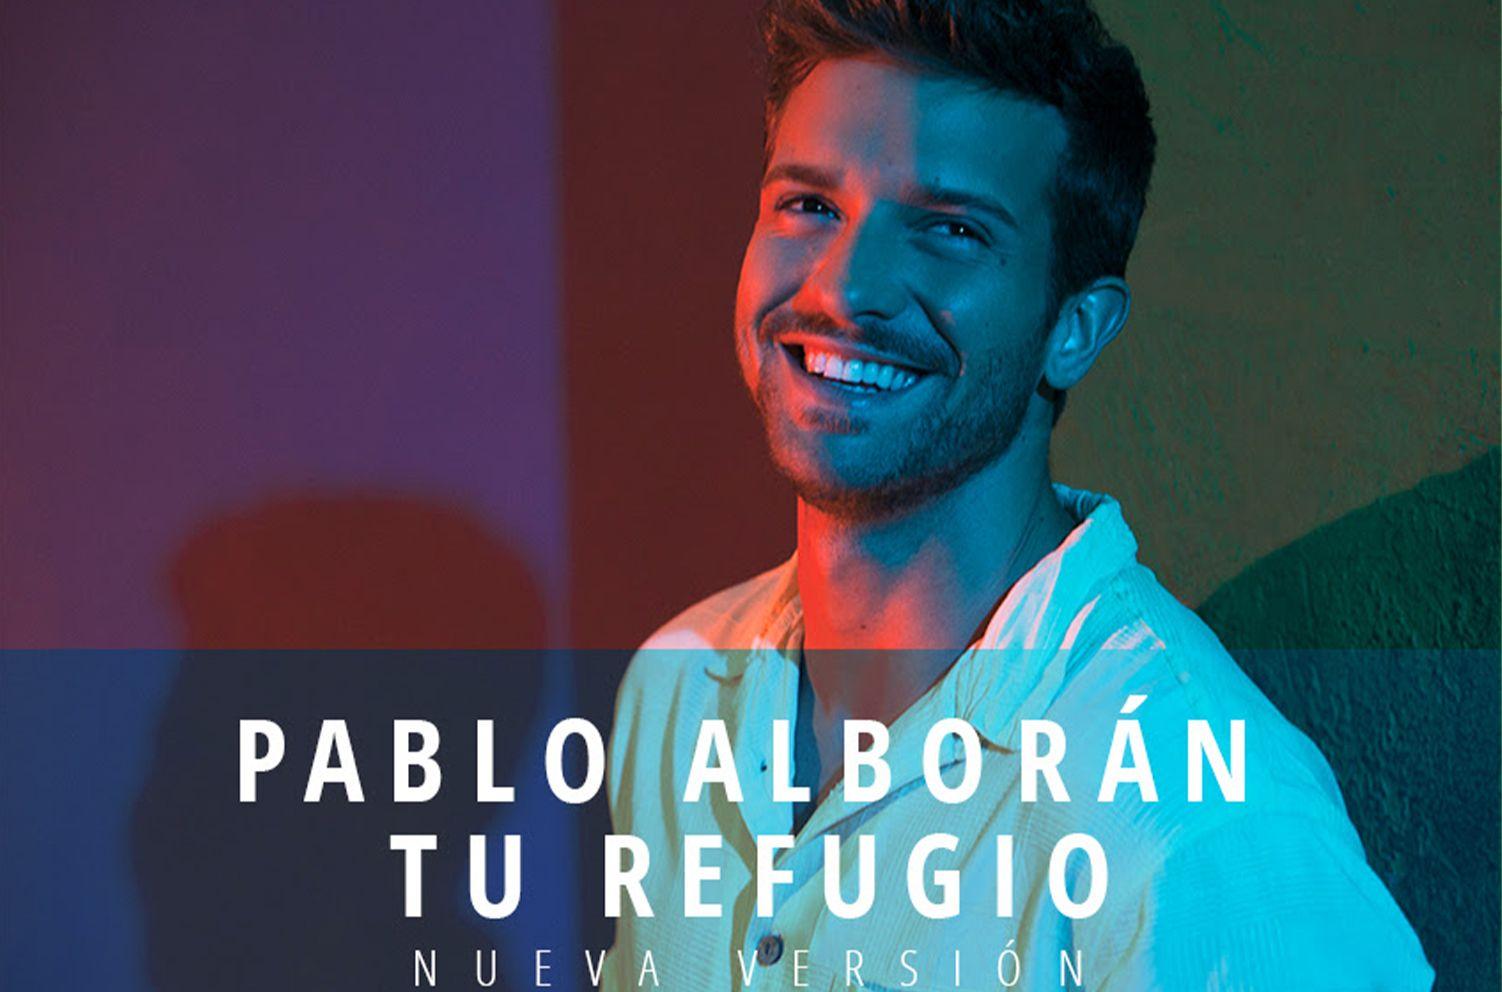 PABLO ALBORÁN NOS ABRE LAS PUERTAS DE «TU REFUGIO»